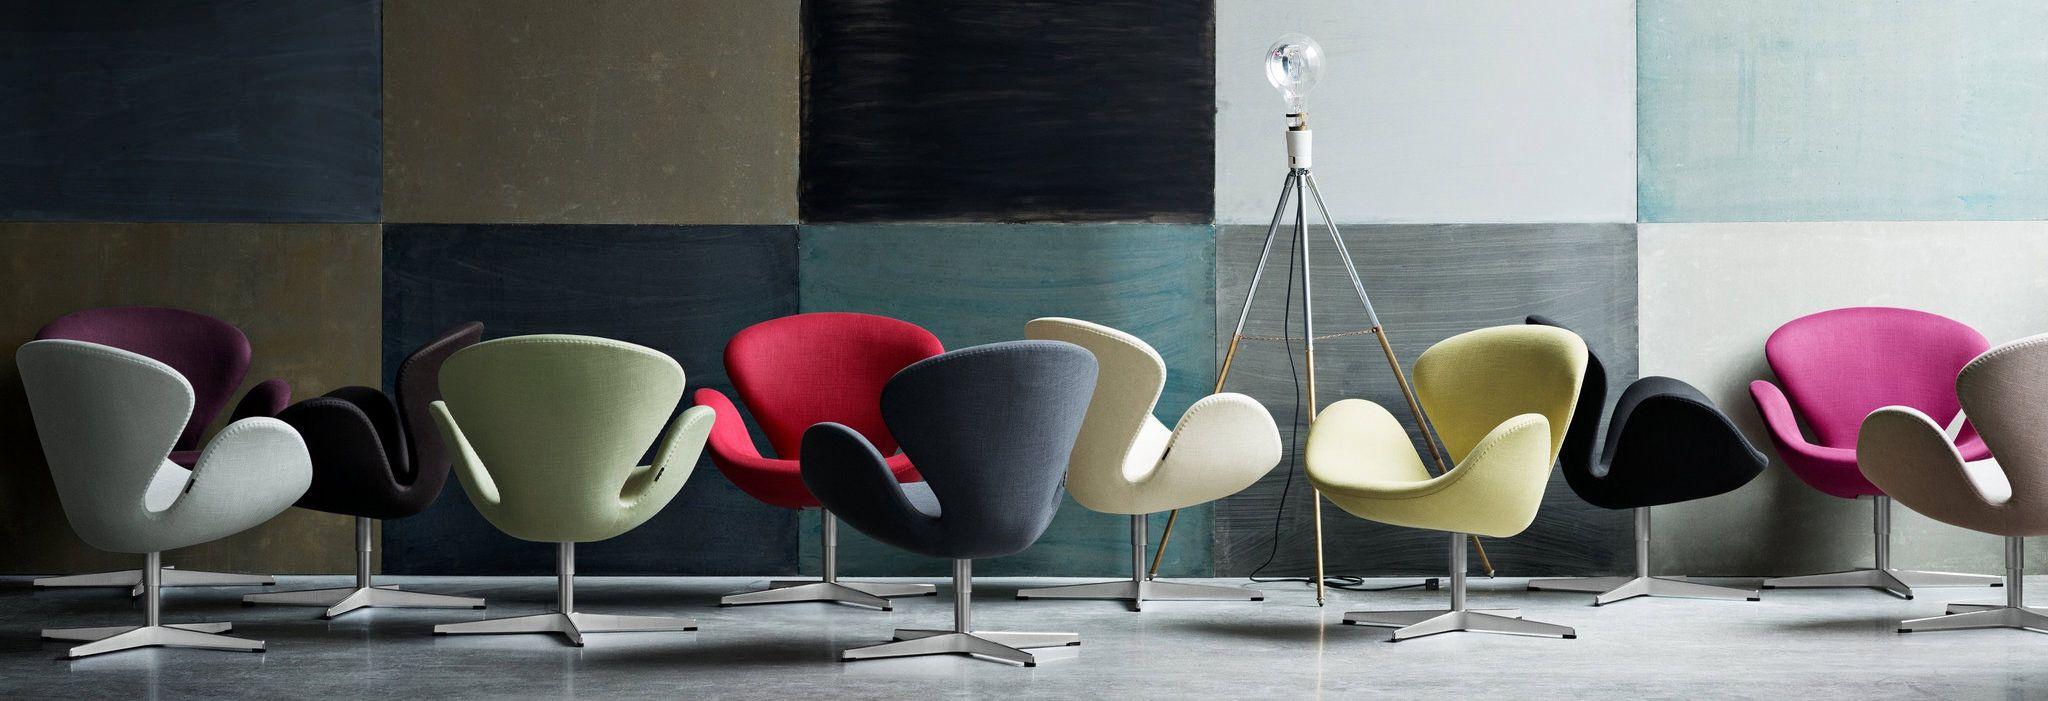 Trumpeter Swan Mid-century Modern Chair